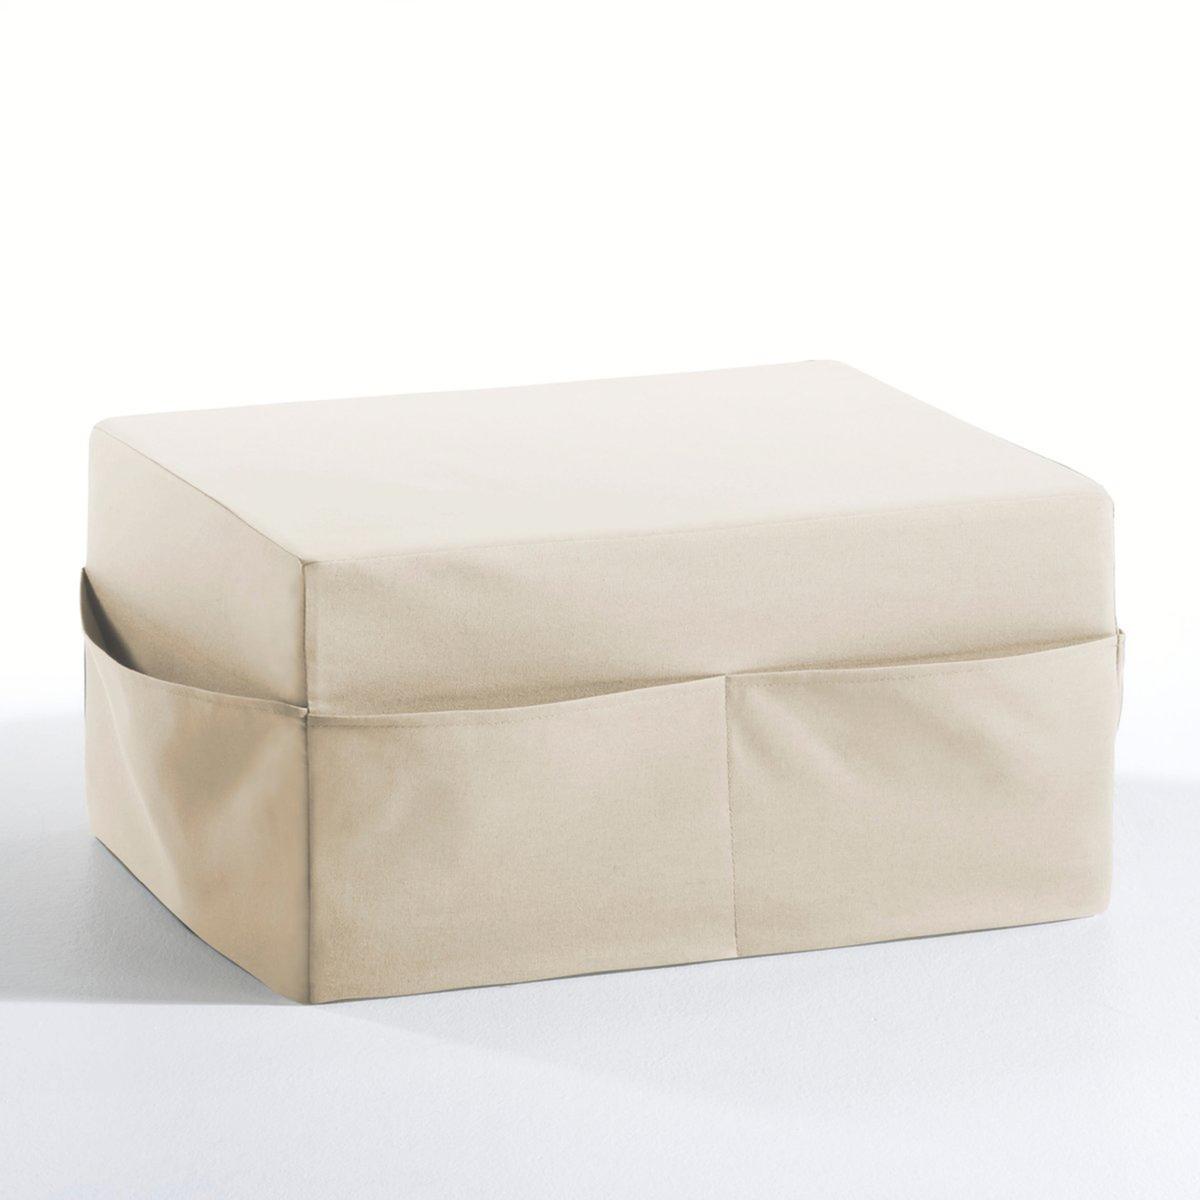 Пуф раскладной с чехлом Meeting от BultexОписание пуфа Meeting:В гостиной можно использовать как сиденье и как маленький стол.В спальне можно разложить 3 блока из пеноматериала, и пуф превратится в небольшую кровать.Характеристики пуфа Meeting:Чехол из 100% обработанного хлопка с тефлоновым покрытием против пятен.Прочный чехол, на котором можно сидеть:Материал Bultex для мягкого и продолжительного сна (плотность 37 кг/м?).Найдите все предметы из коллекции Meeting на сайте laredoute.ru.Размеры пуфа Meeting :Общие:Ширина: 60 см.Высота: 30 см.Глубина: 48 см.Спальное место:Ш.60 x Д.145 x Т.10 см.<br><br>Цвет: красный,светло-серый,серо-коричневый каштан,темно-фиолетовый,фисташковый,шоколадно-каштановый,экрю